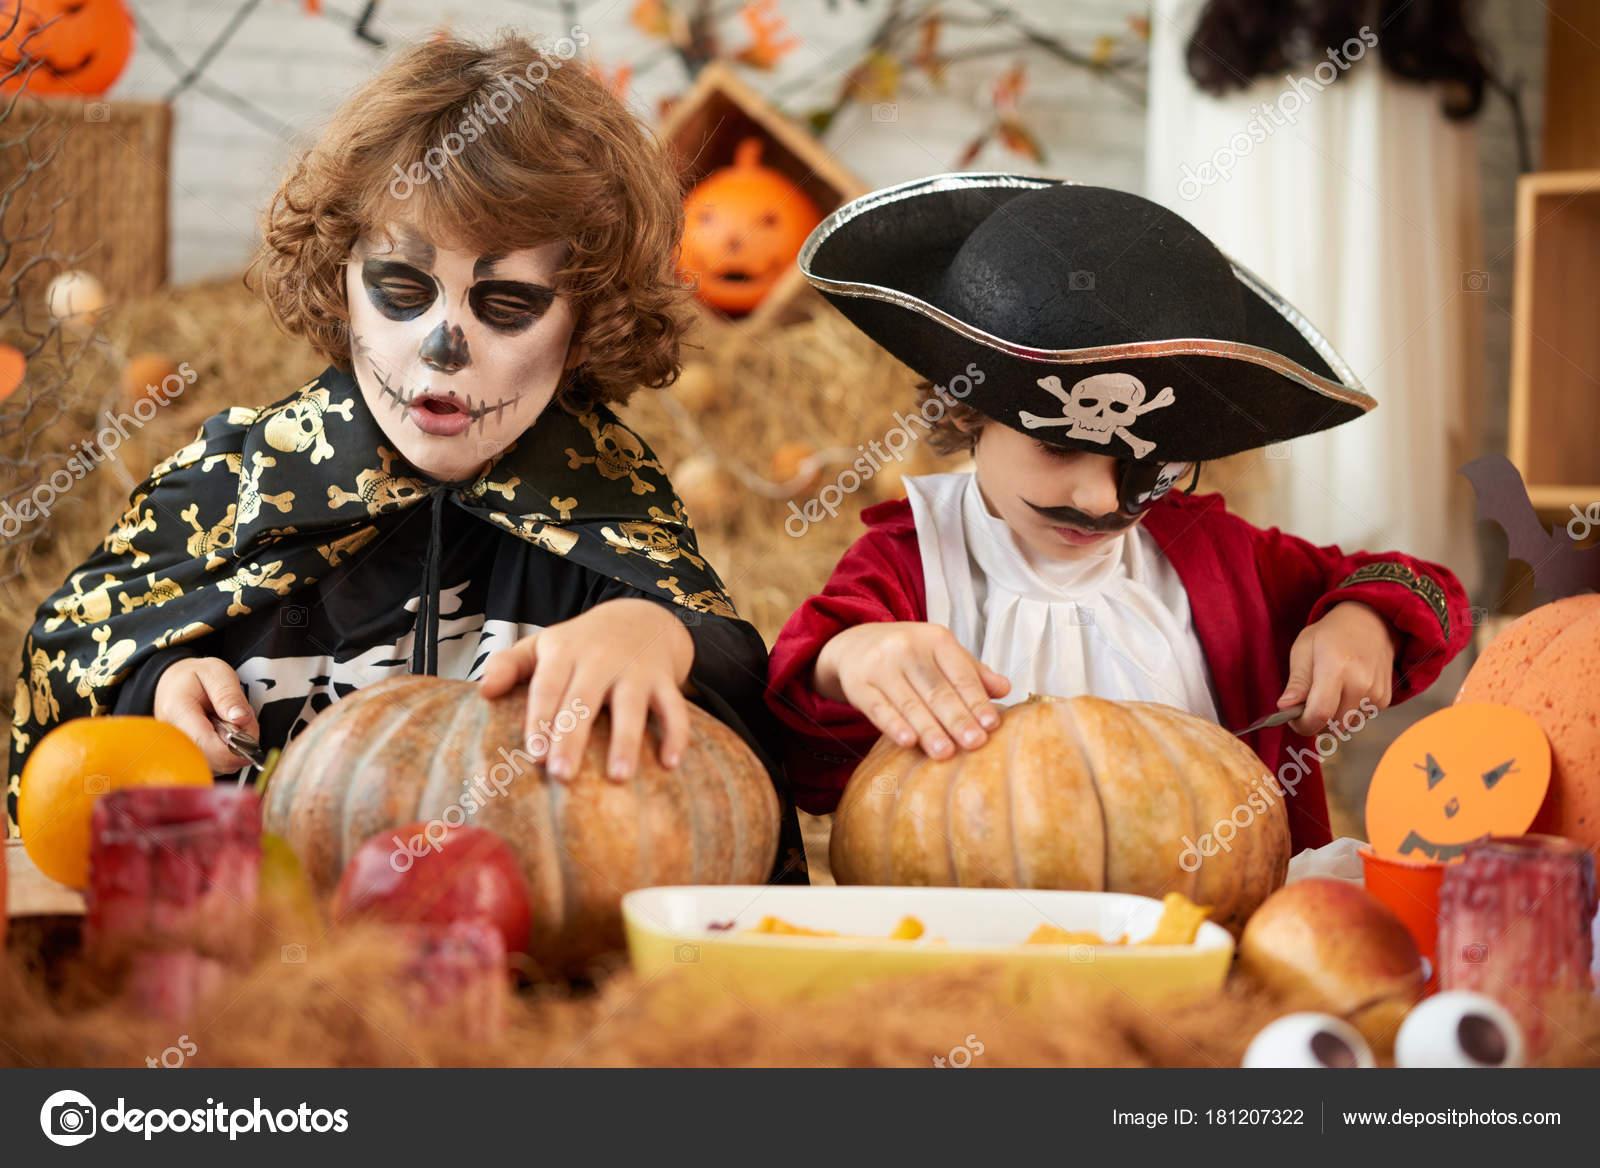 Nios Hacer Decoraciones Para Fiesta Disfraces Halloween Fotos de